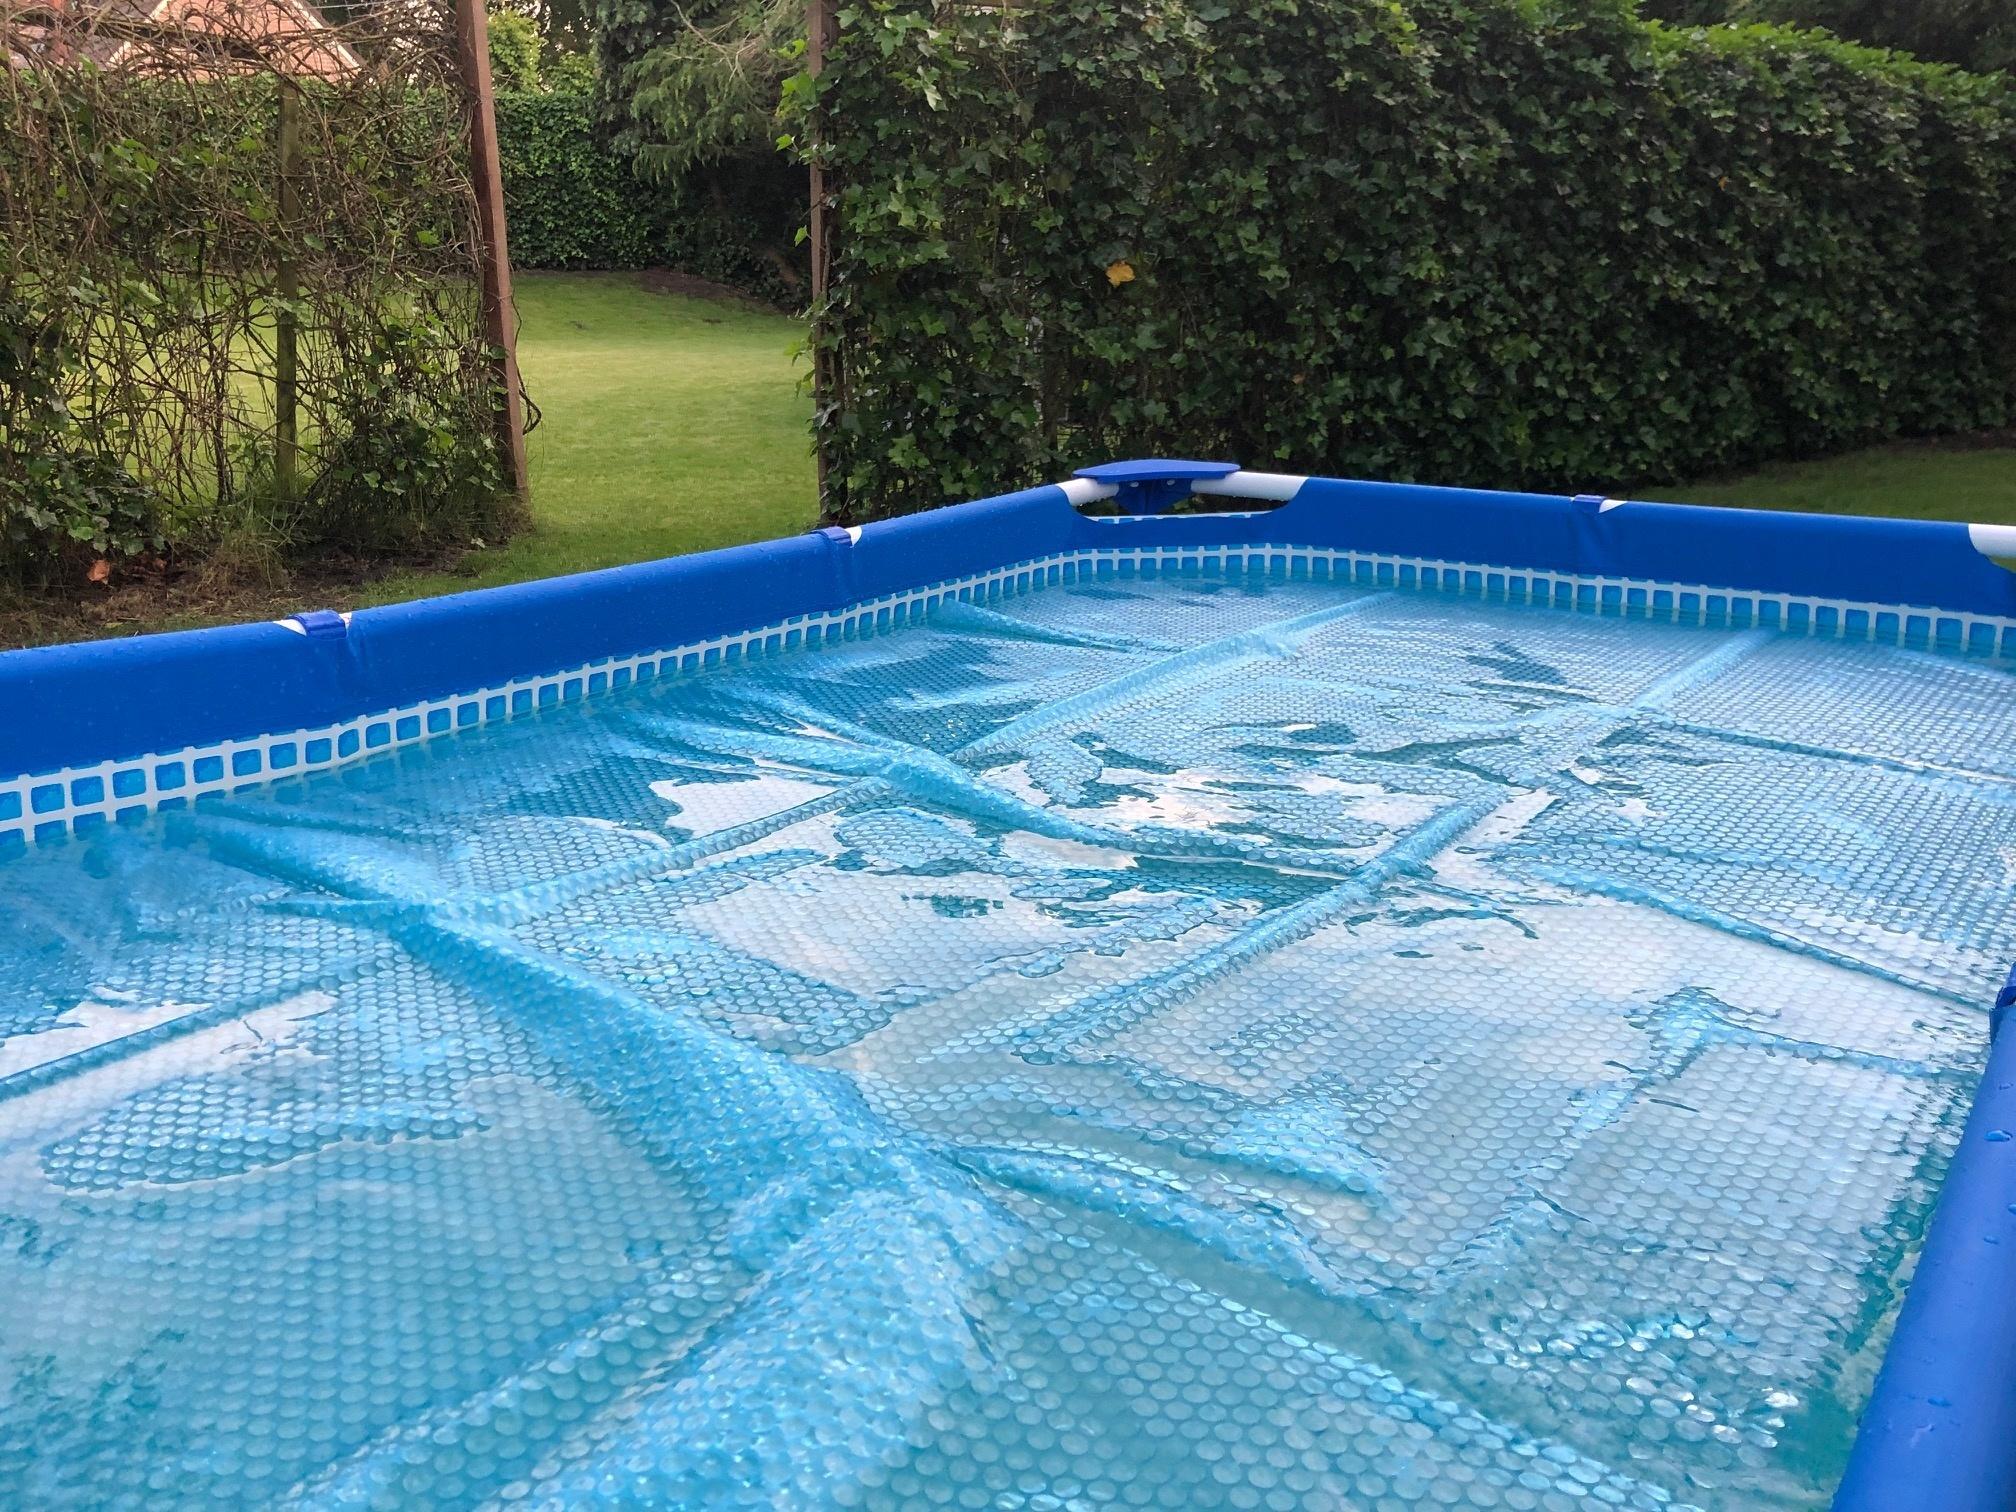 Een Intex zwembad solar afdekzeil kopen? Denk hier goed om!